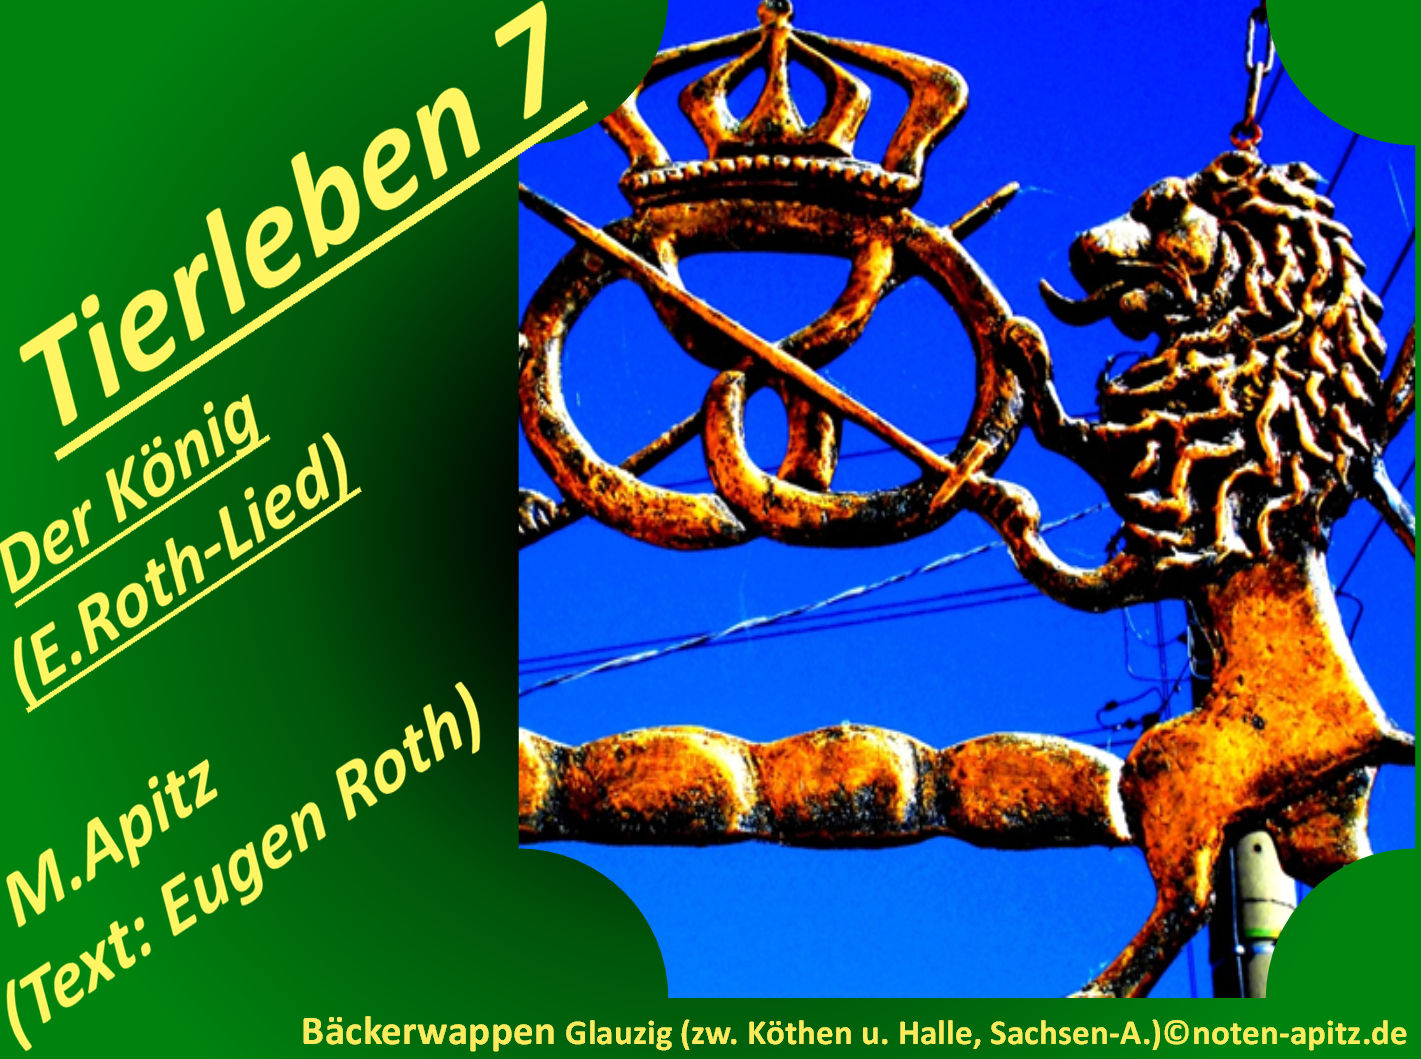 Tierleben 7 Der König (E. Roth-Lied) – Eugen Roth-Lieder; Manfred Apitz (Text: Eugen Roth); Bäckerwappen Glauzig zwischen Köthen und Halle Sachsen-Anhalt Sparte: 20.+21. Jh. Konzert